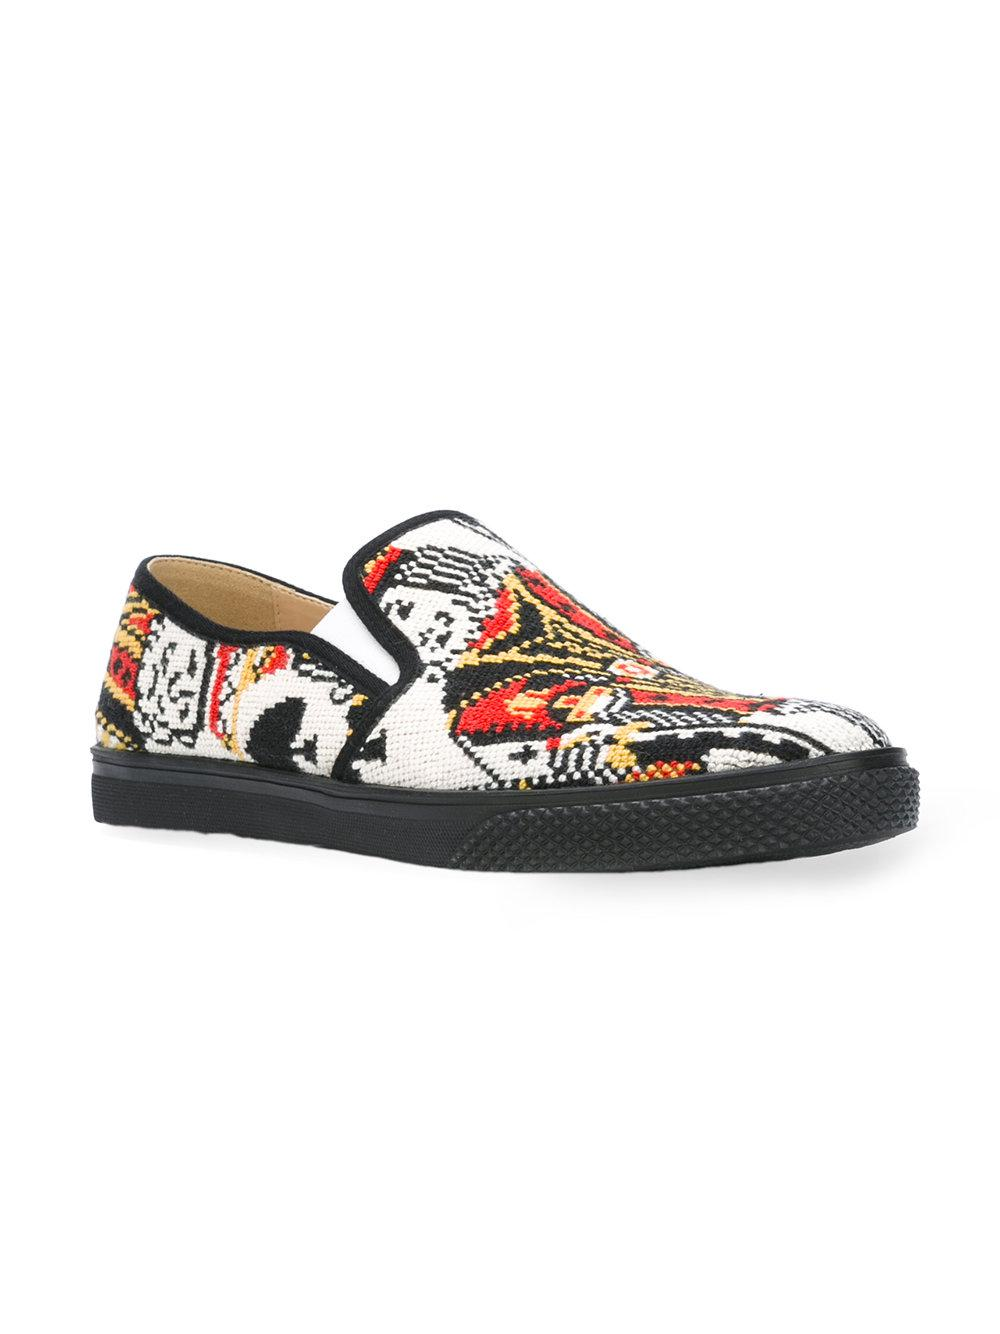 Stella Mccartney Slip Imprimé Sur Chaussures De Sport - Multicolor kPcVG60